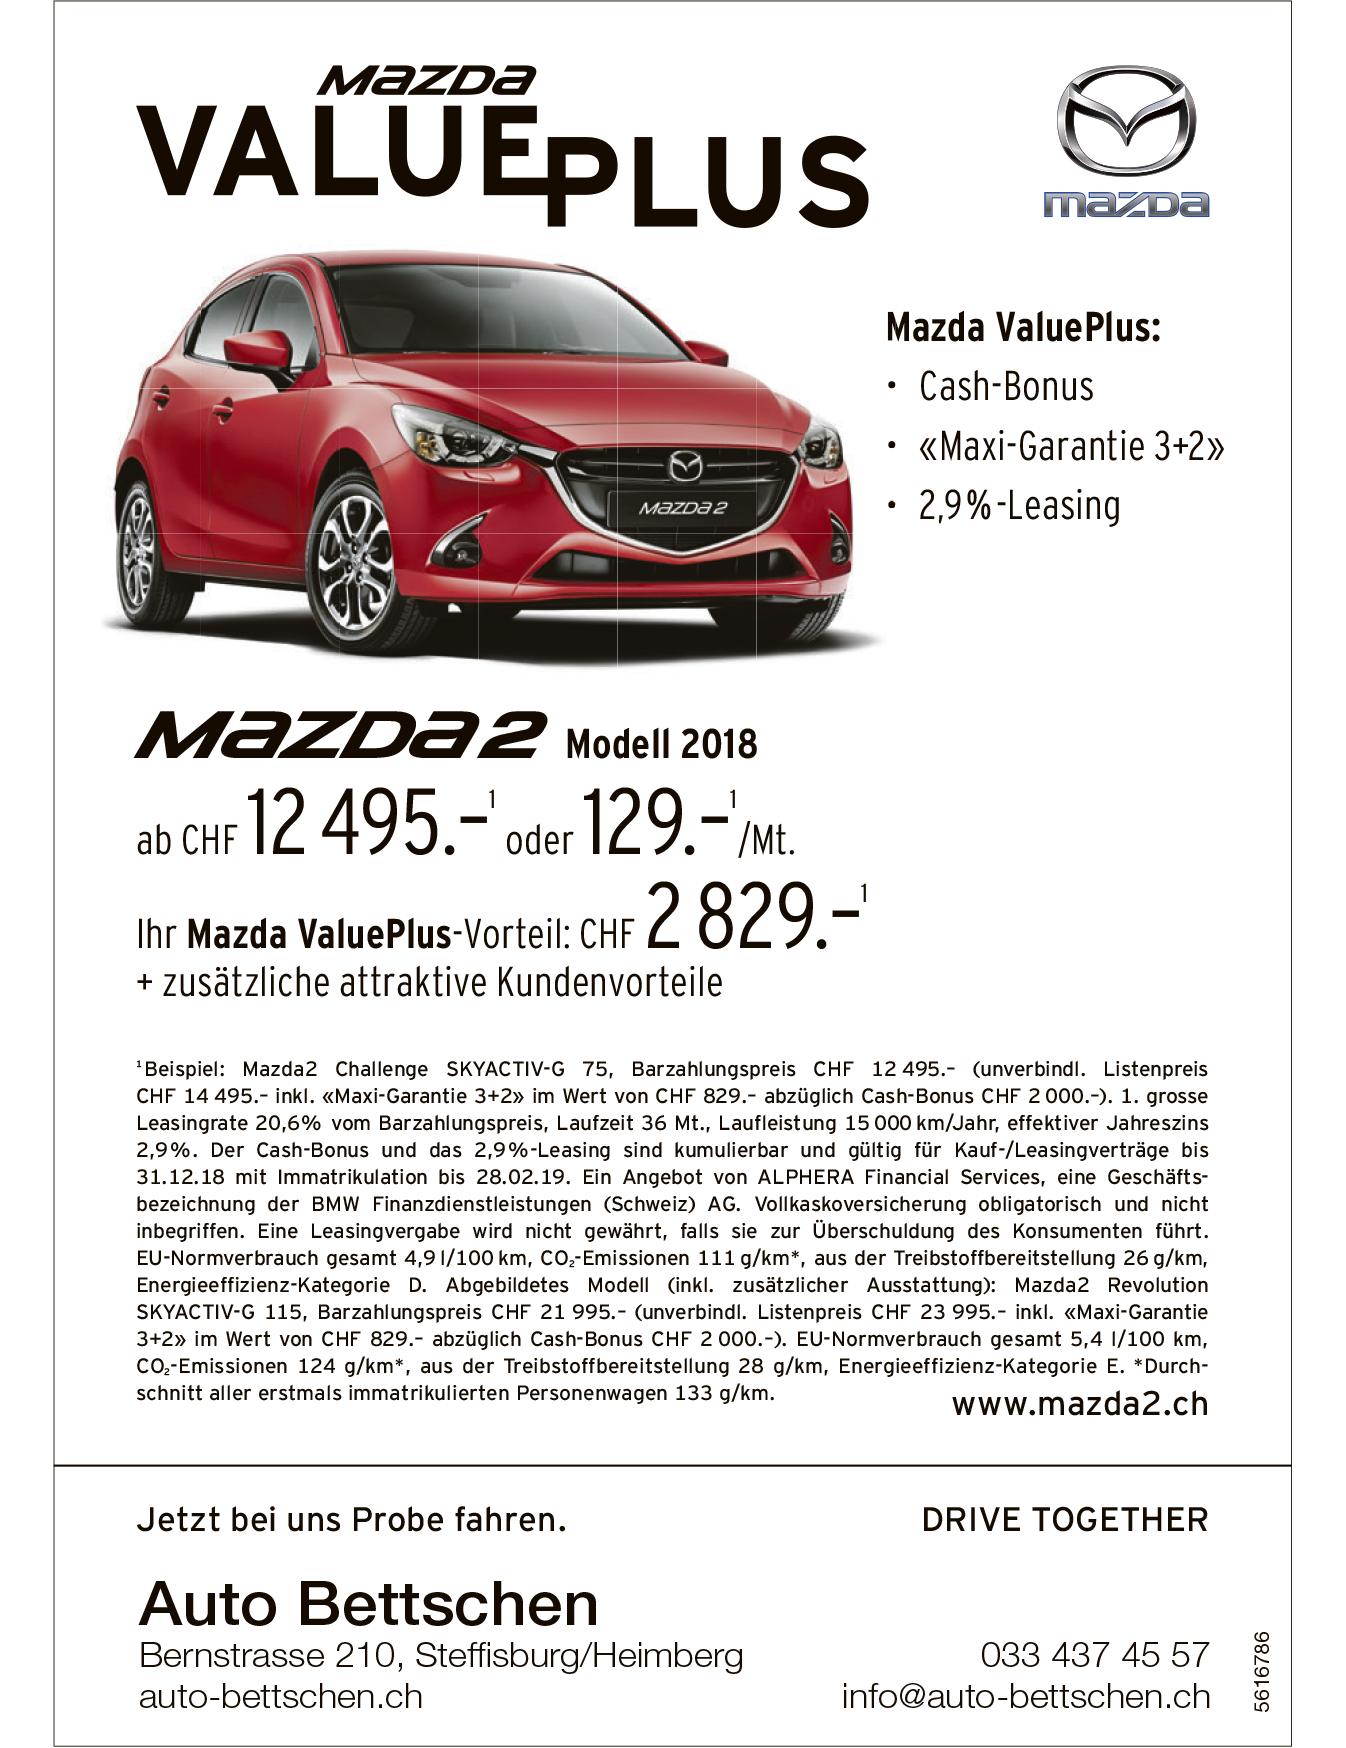 MAZDA 2 Modell 2018 - Mazda ValuePlus